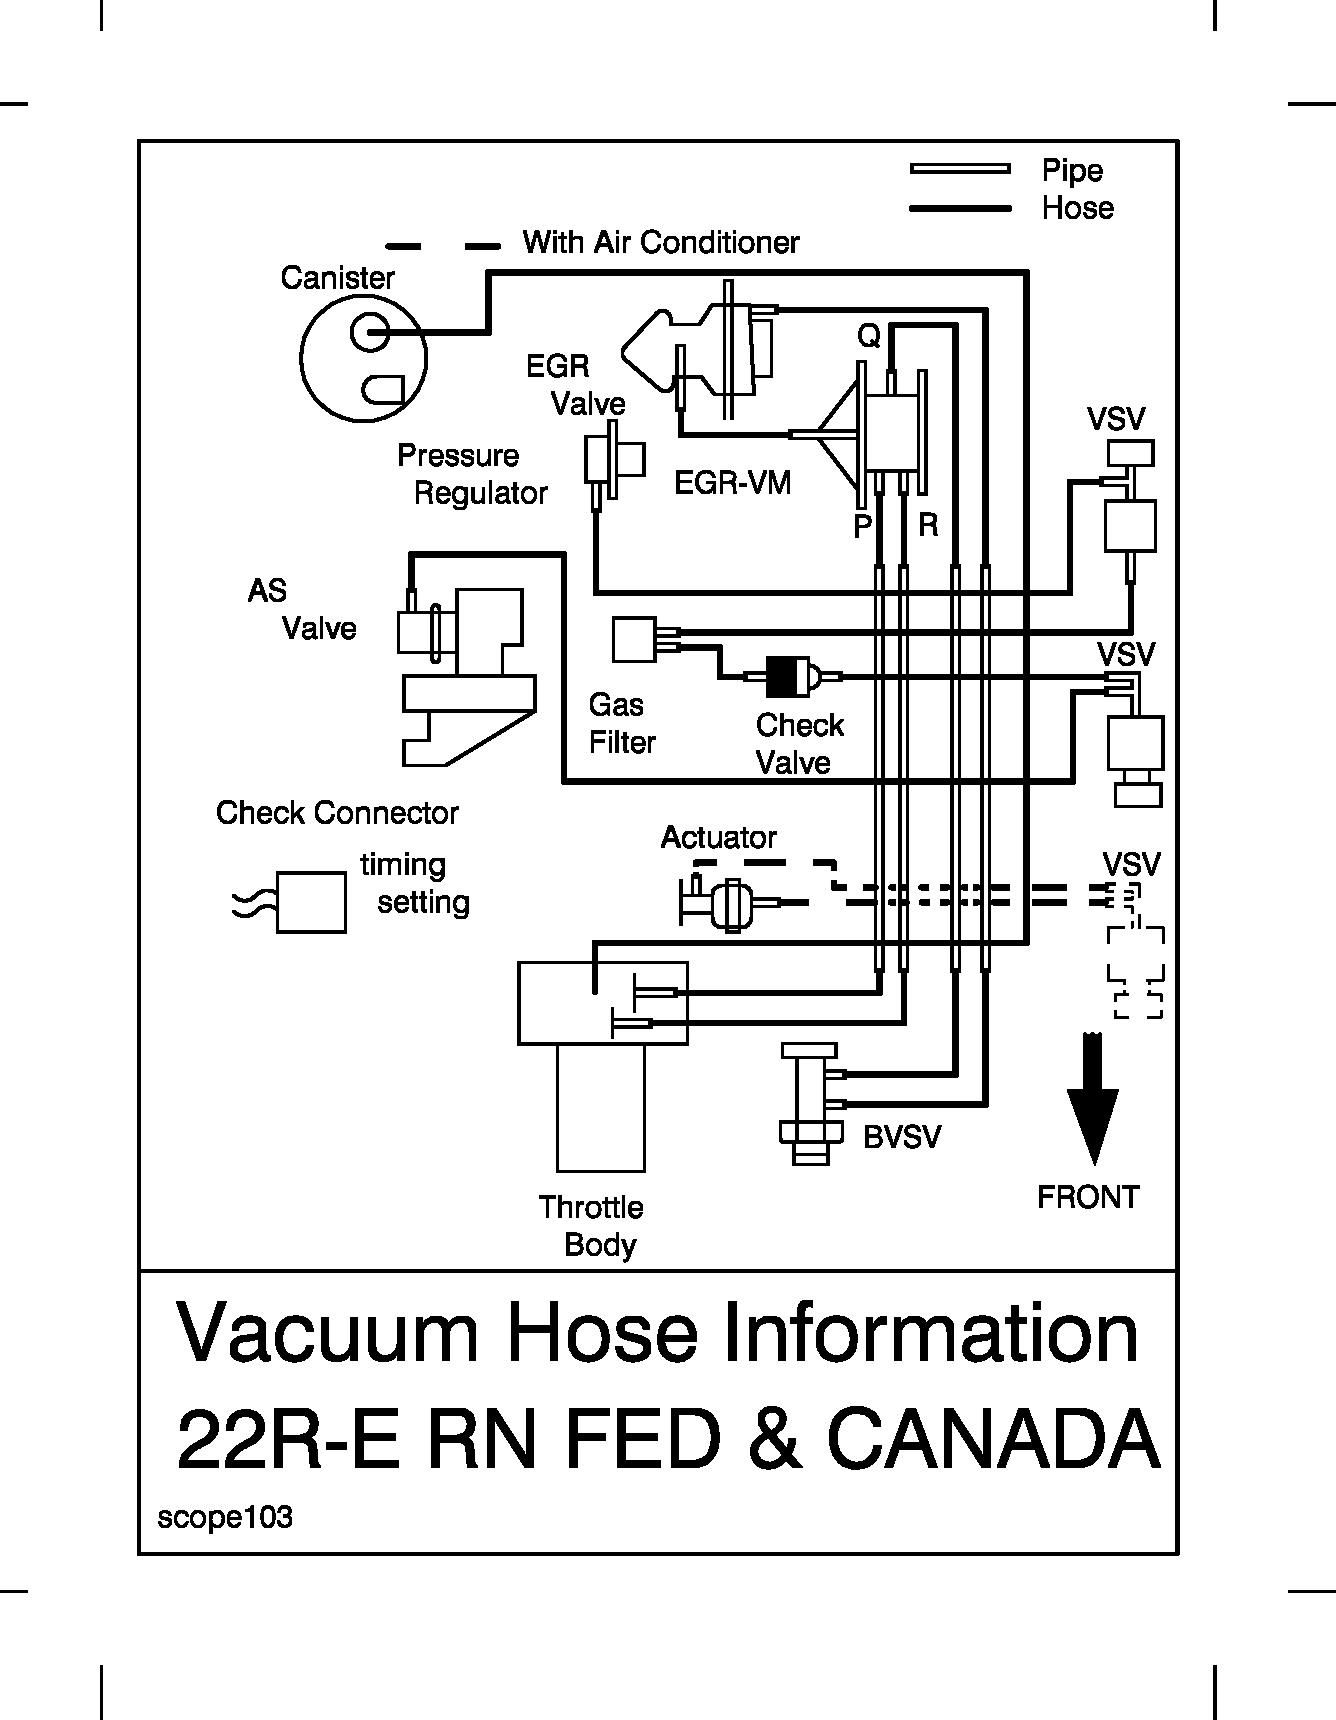 Vacuum Hose Routing Diagram Sticker